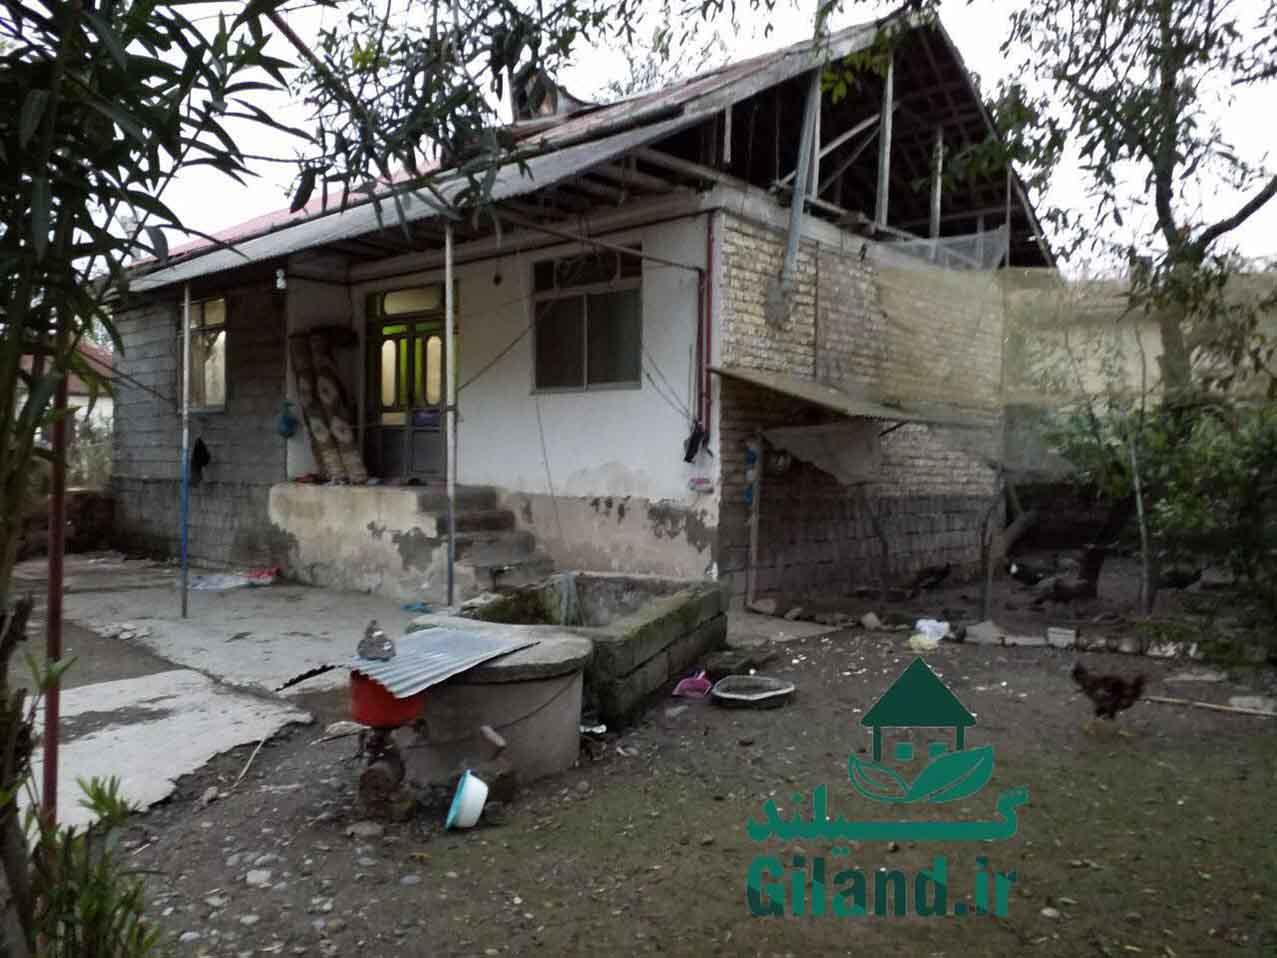 فروش خانه 110 متر با 1300 متر محوطه لاهیجان